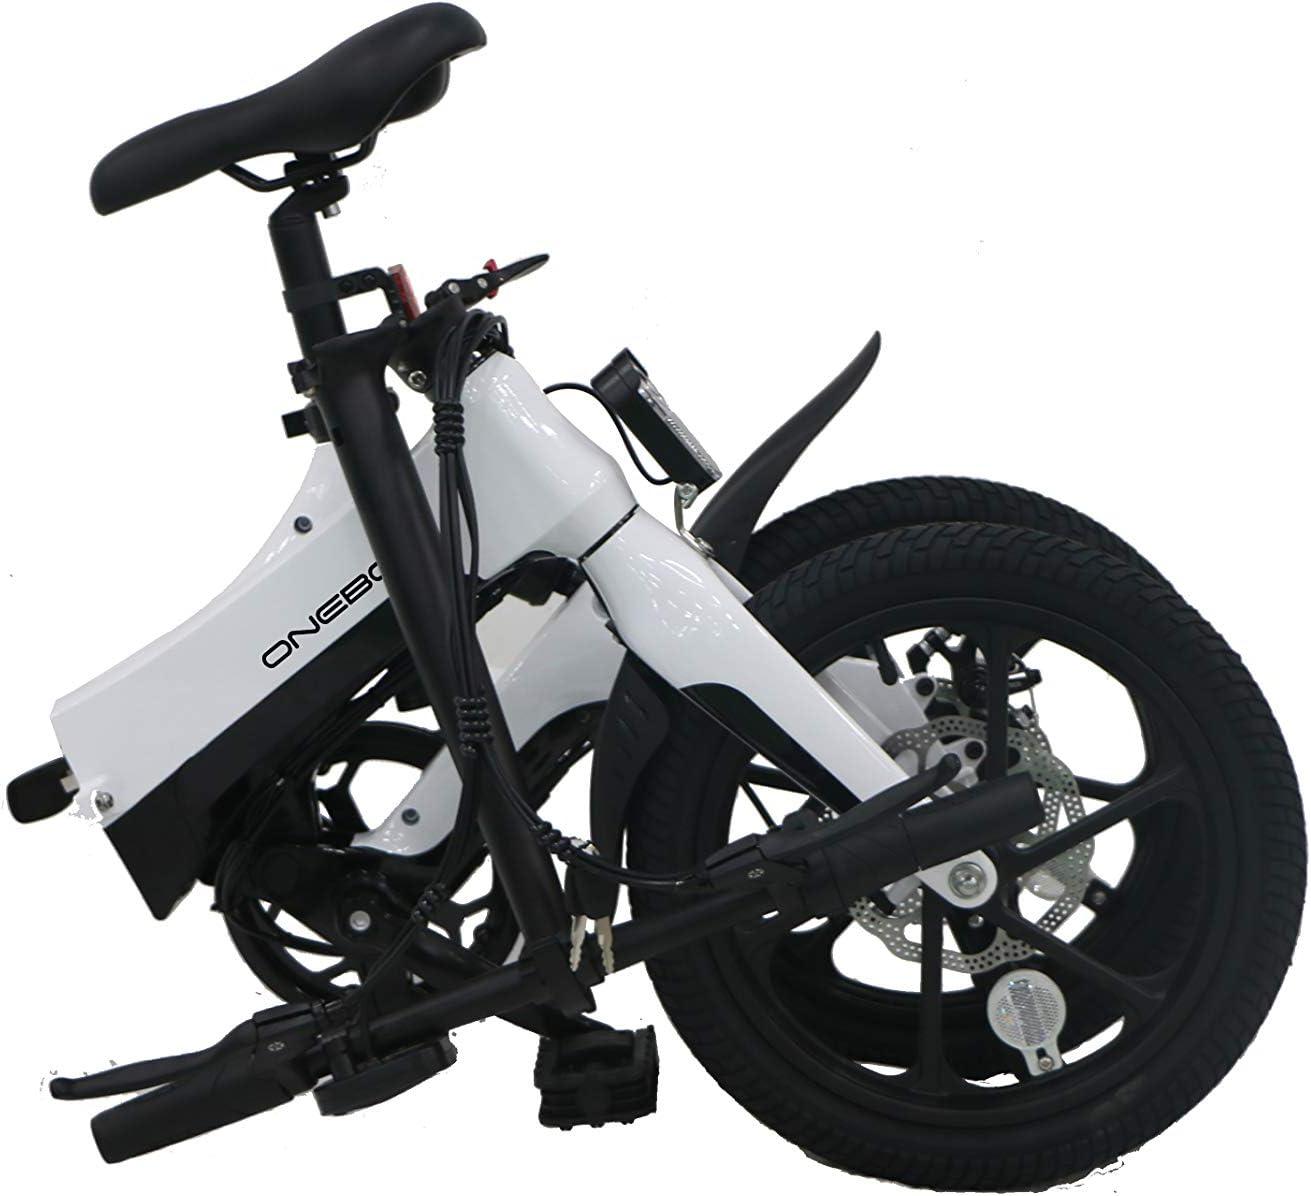 Aurora Ebike - Bicicleta eléctrica de 15,74 Pulgadas, 36 V/6 A, batería de Iones de Litio, 250 W, 25 km/h (Full Electric Drive Can Drive, 25-30 km): Amazon.es: Deportes y aire libre